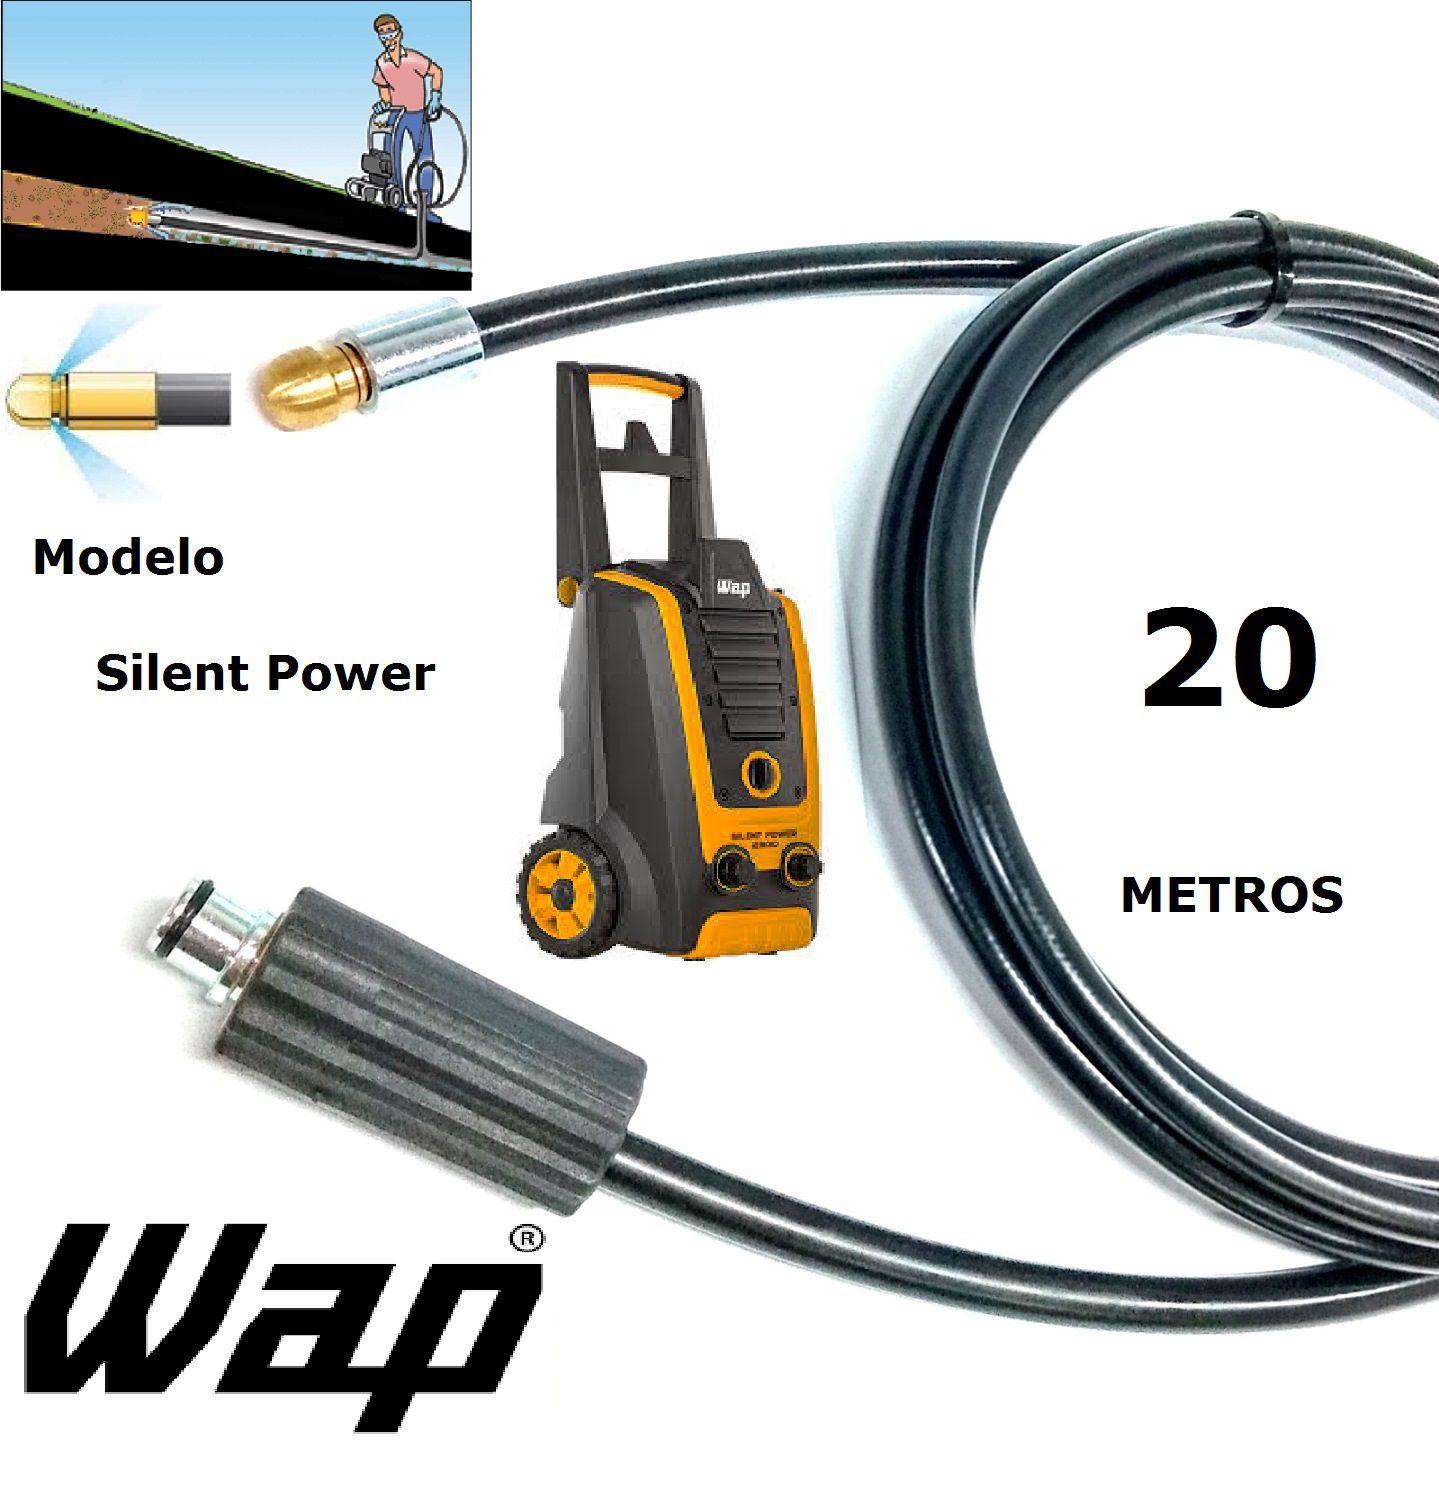 Mangueira desentupidora de tubulação WAP - 20 Metros - Wap SILENT POWER